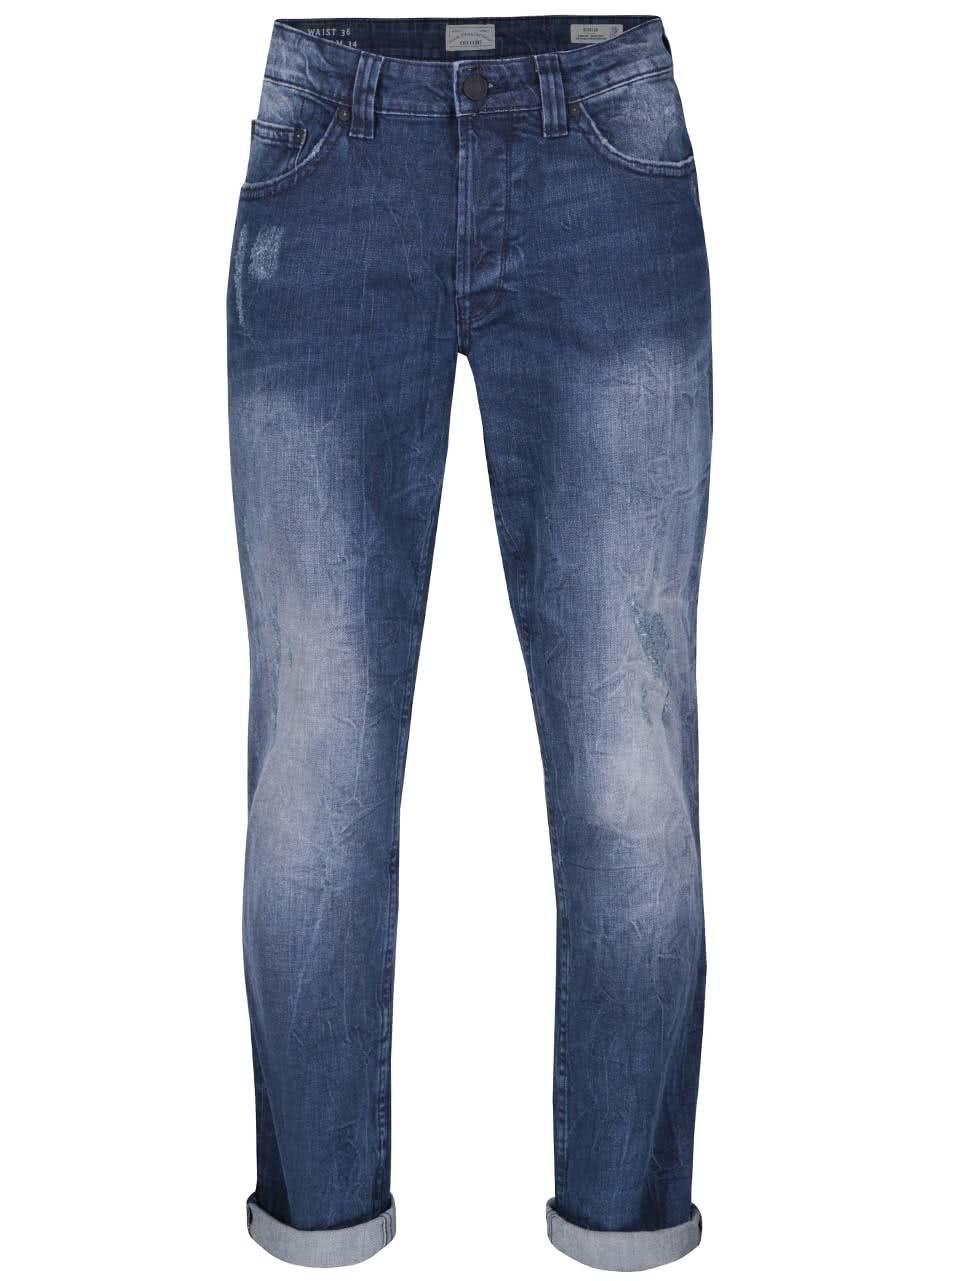 Tmavě modré džíny s ošoupaným efektem ONLY & SONS Weft